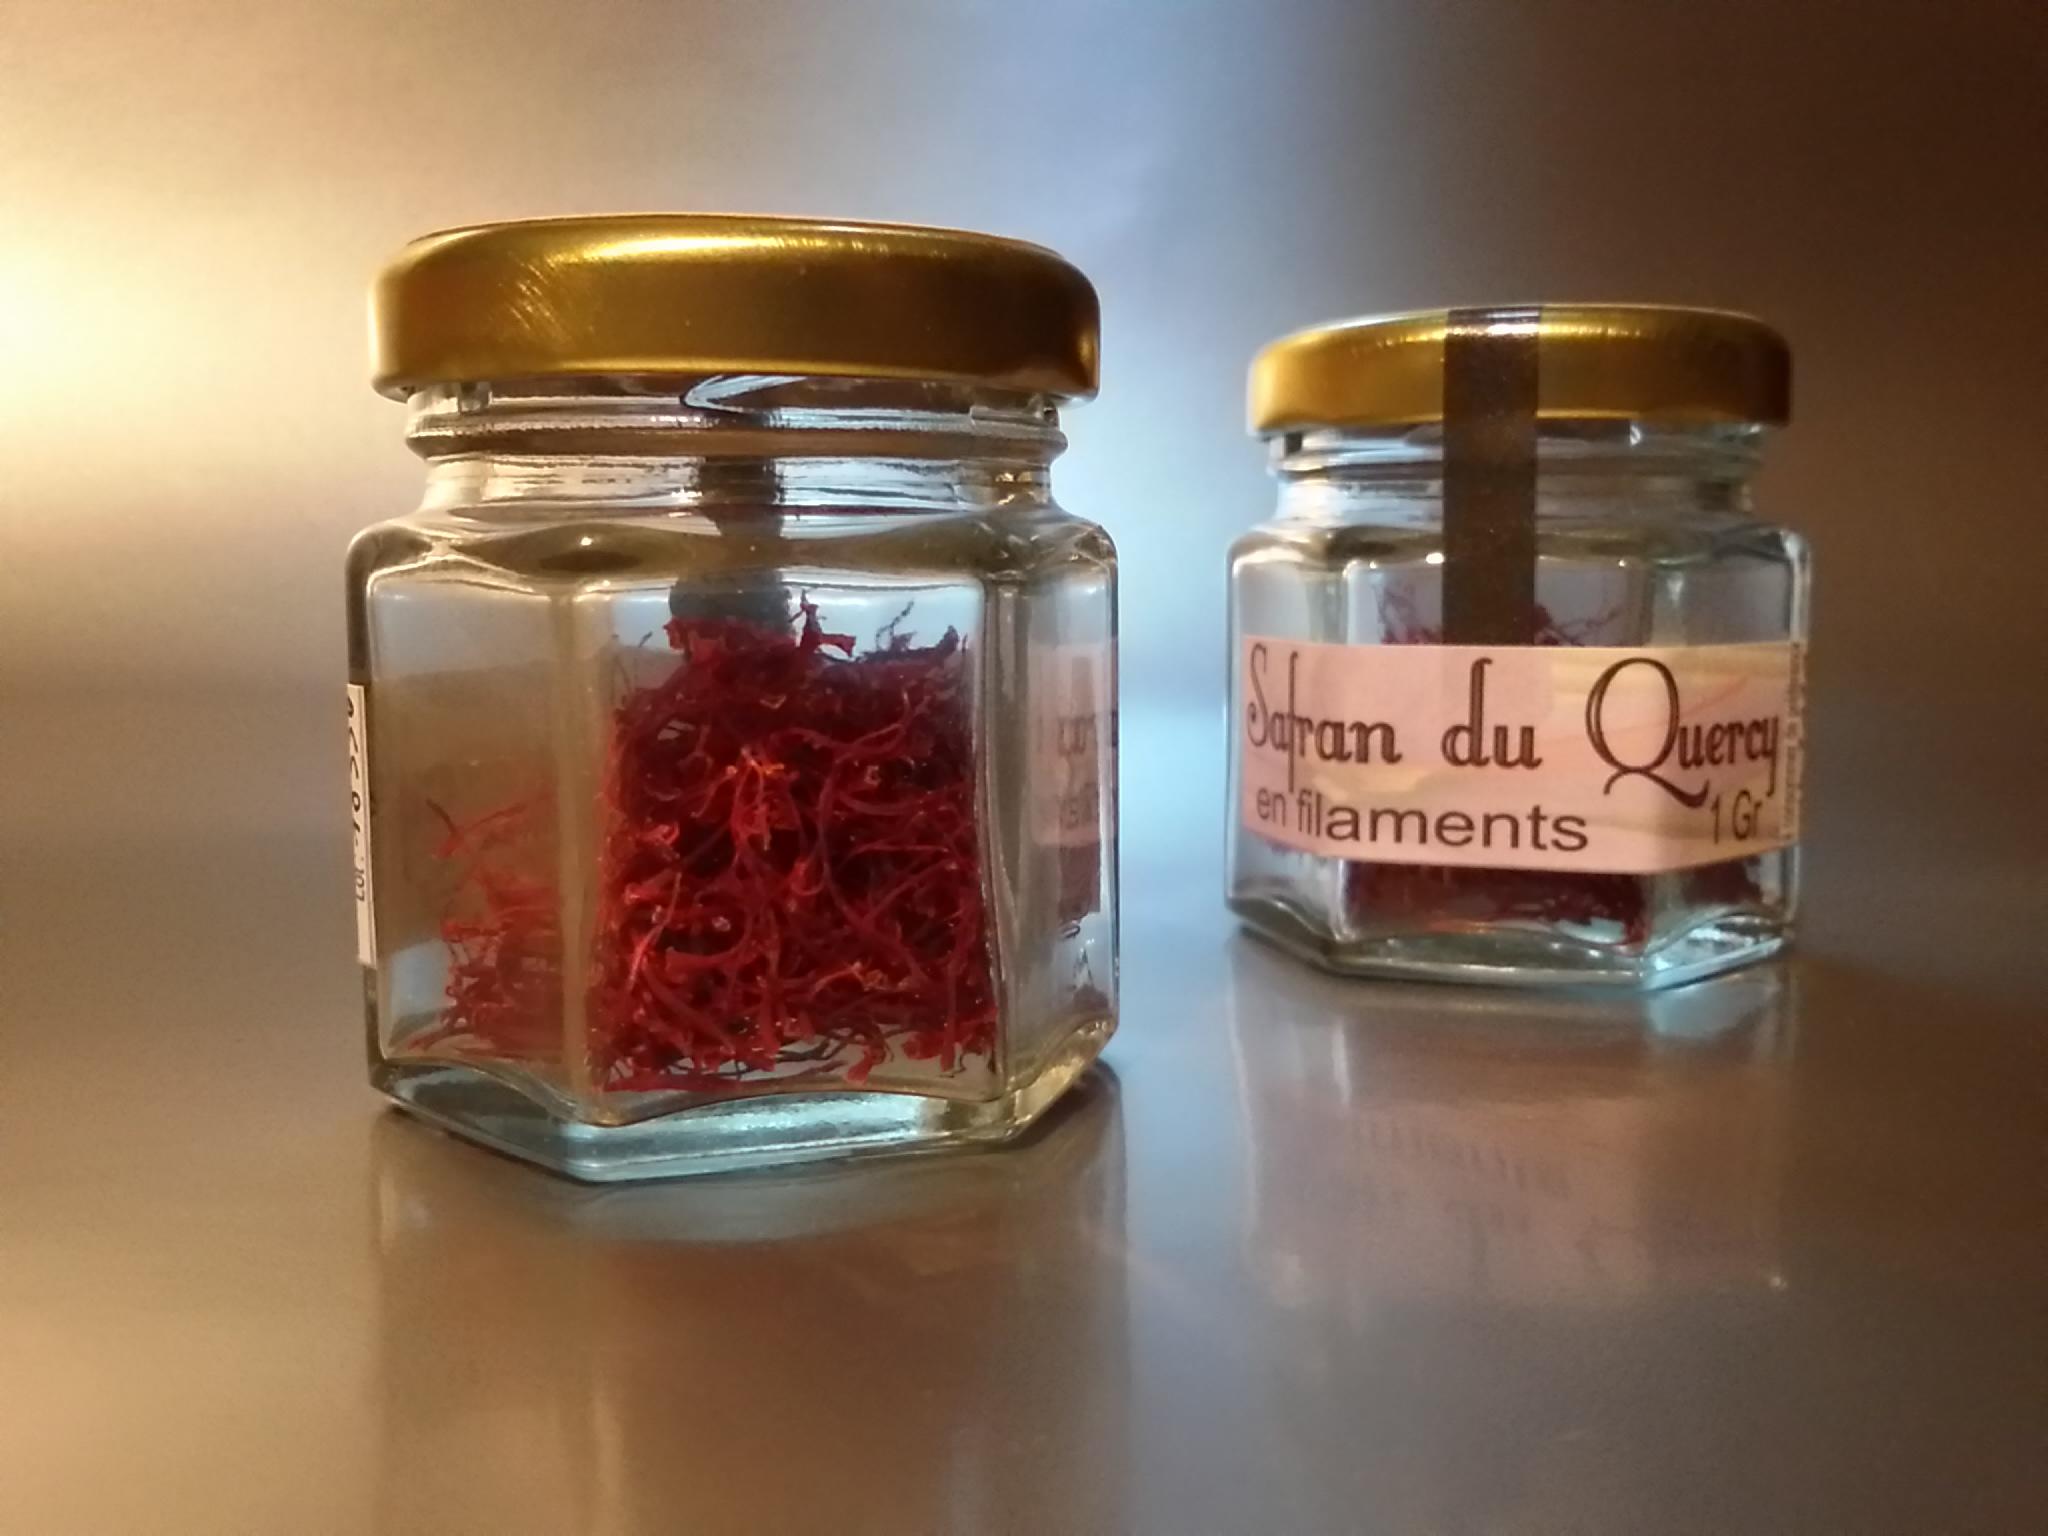 Safran en pistils - 1gr - Safran du quercy